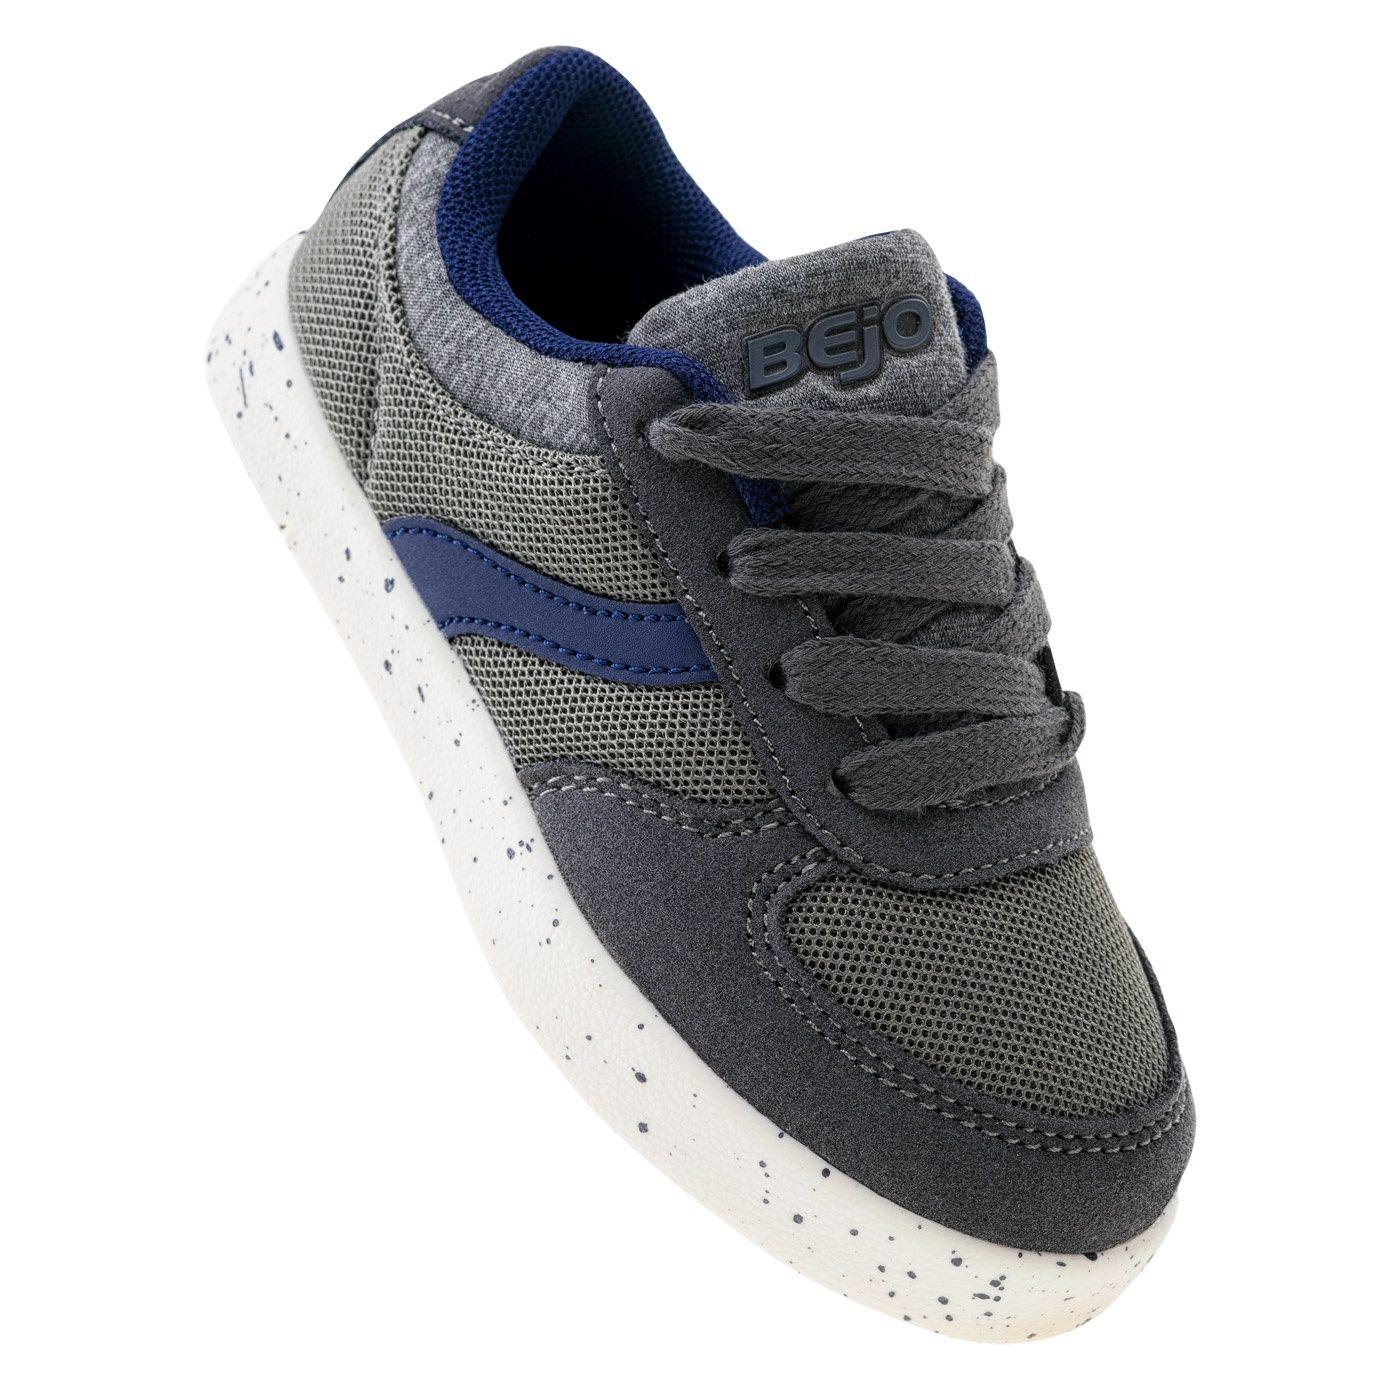 Dzieciece Buty Tore 4606 Dk Grey Navy Bejo Internetowy Sklep Sportowy Martes Sport Shoes Sneakers Fashion